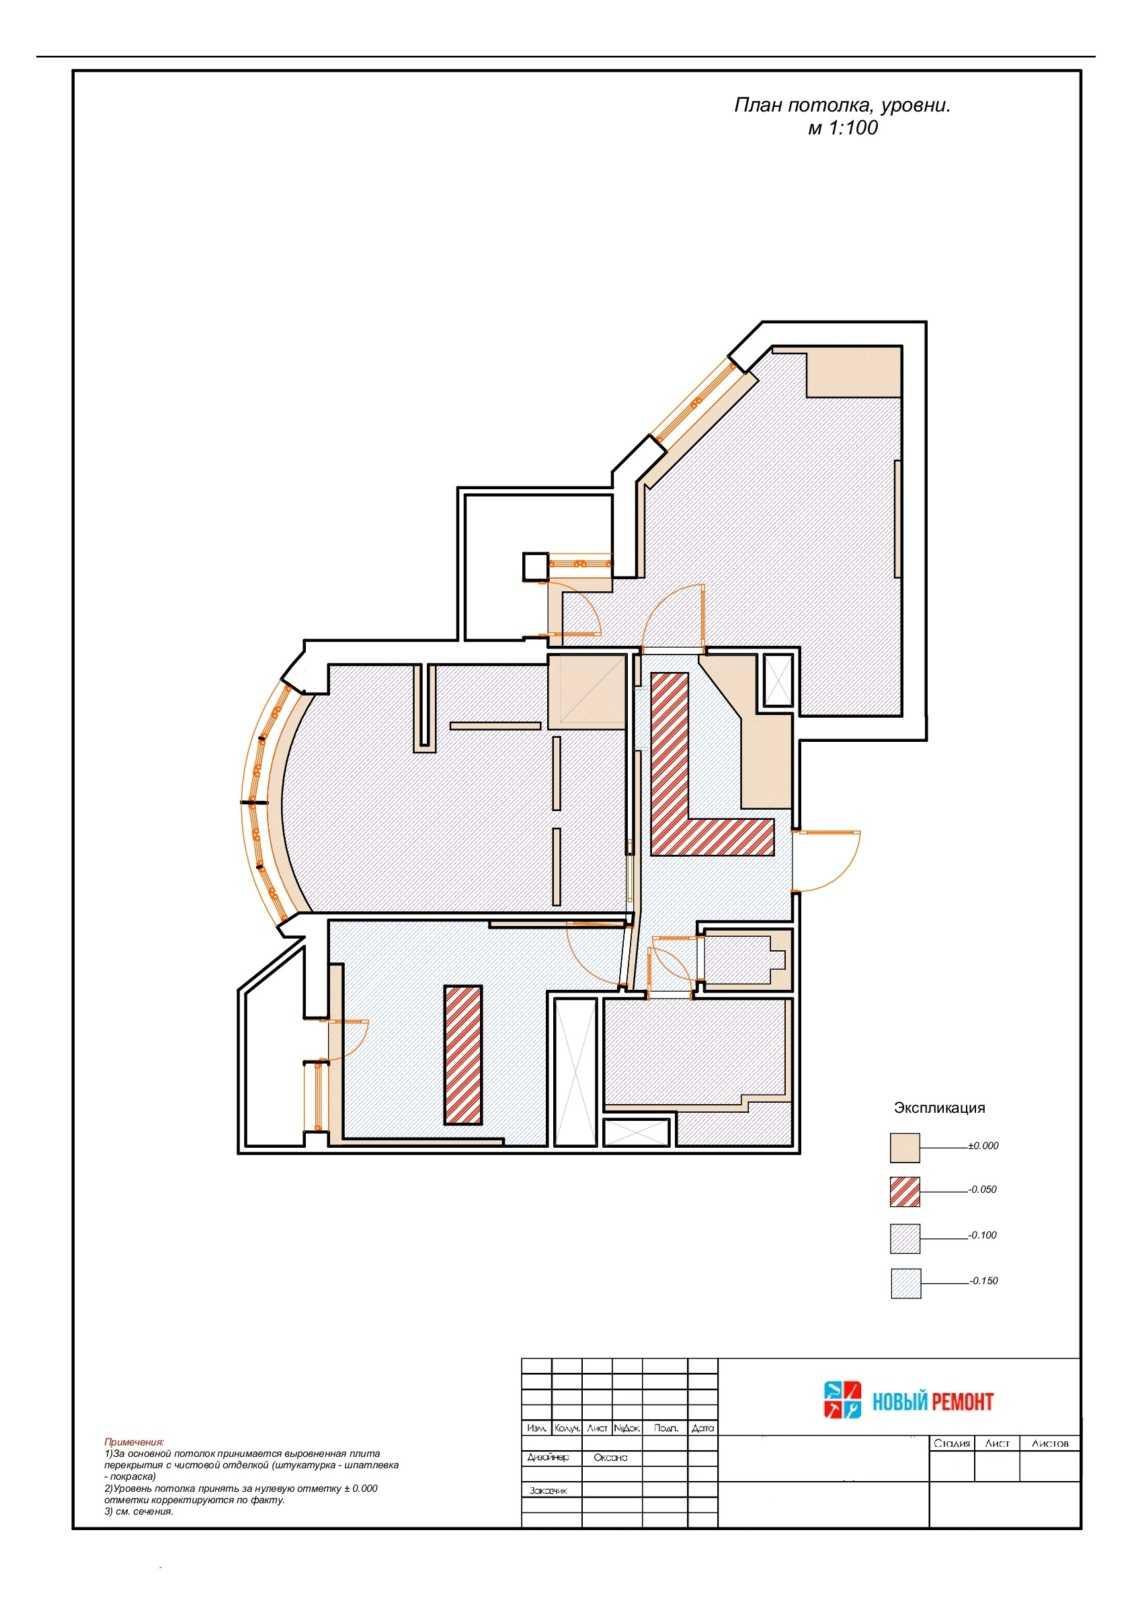 план потолков в двухкомнатной квартире